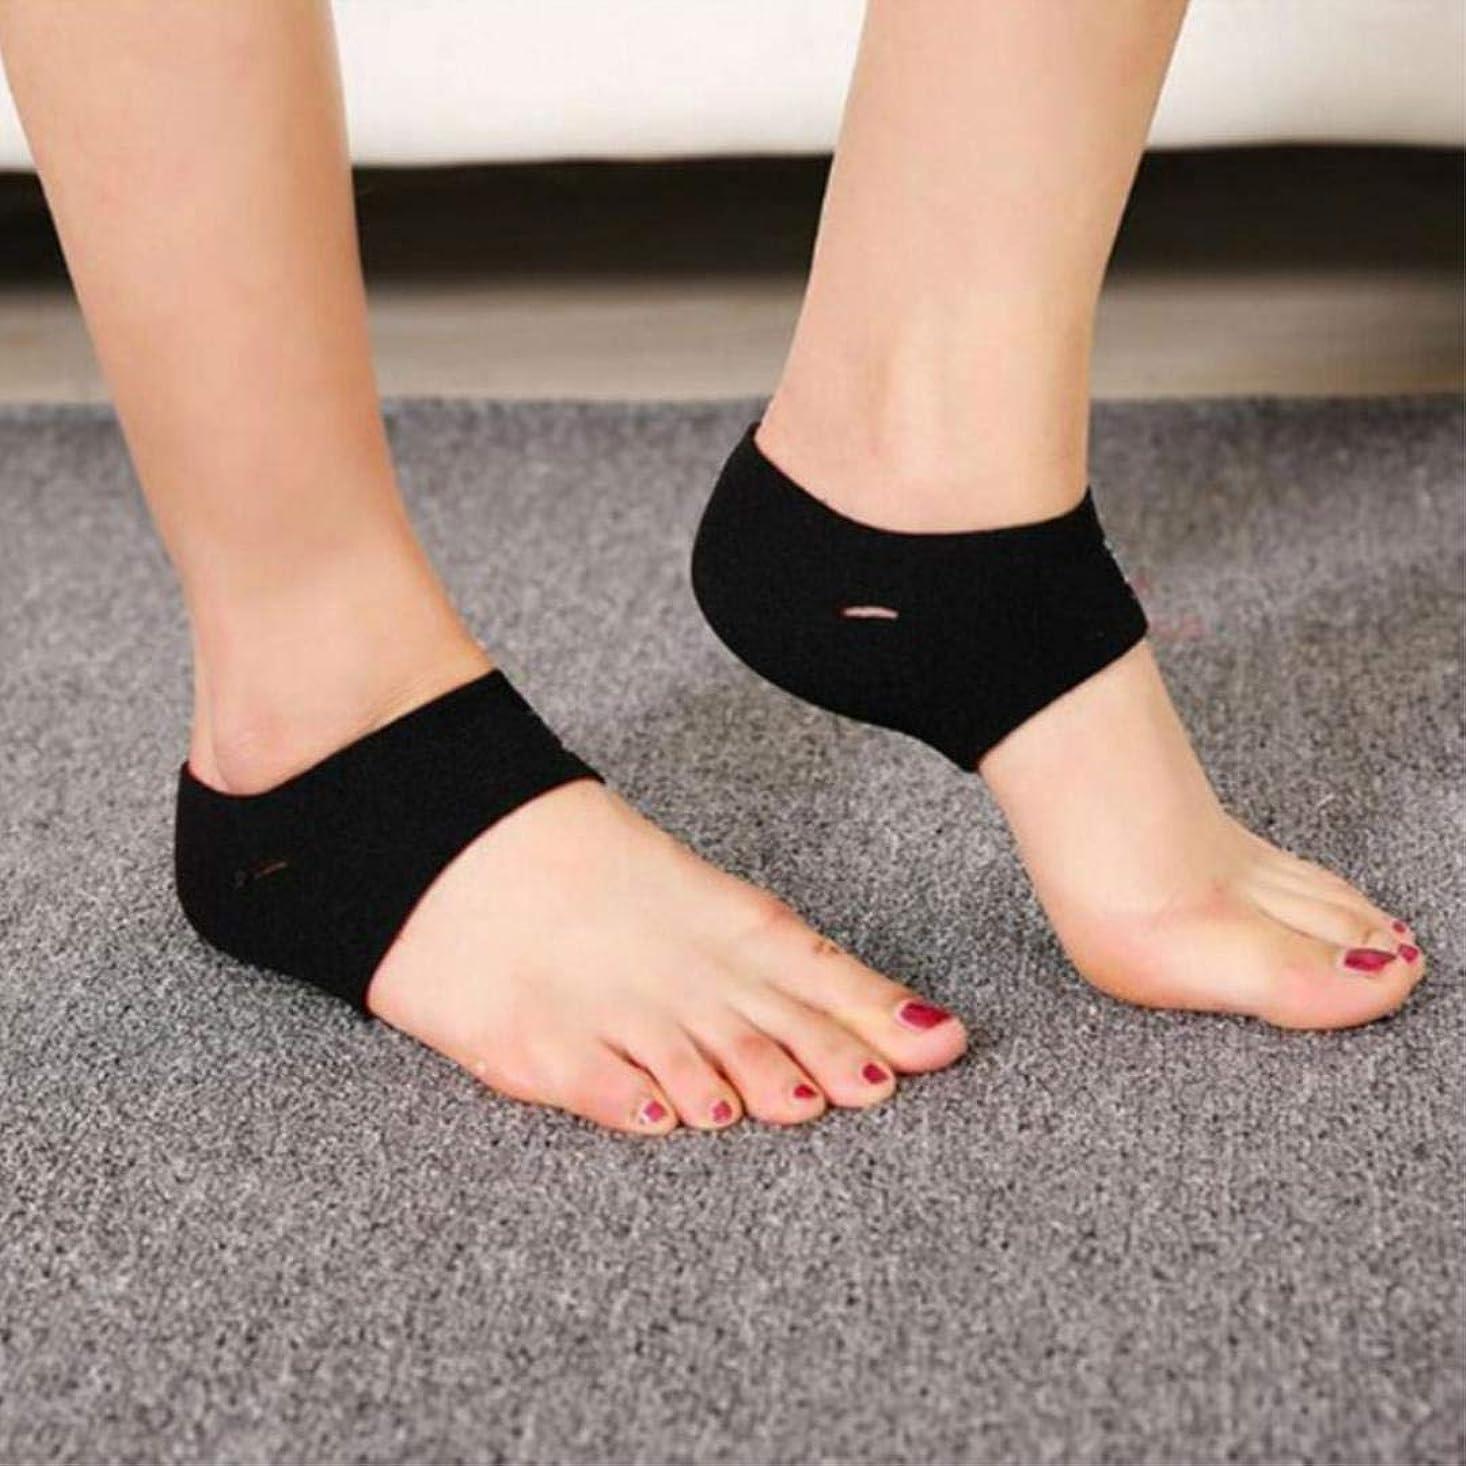 アーティキュレーション調整するスタンド足底筋膜炎のための2対のクッション付き圧縮アーチサポート倒れたアーチヒールスプリアスフラットとアーチーの足の問題(ワンサイズ)